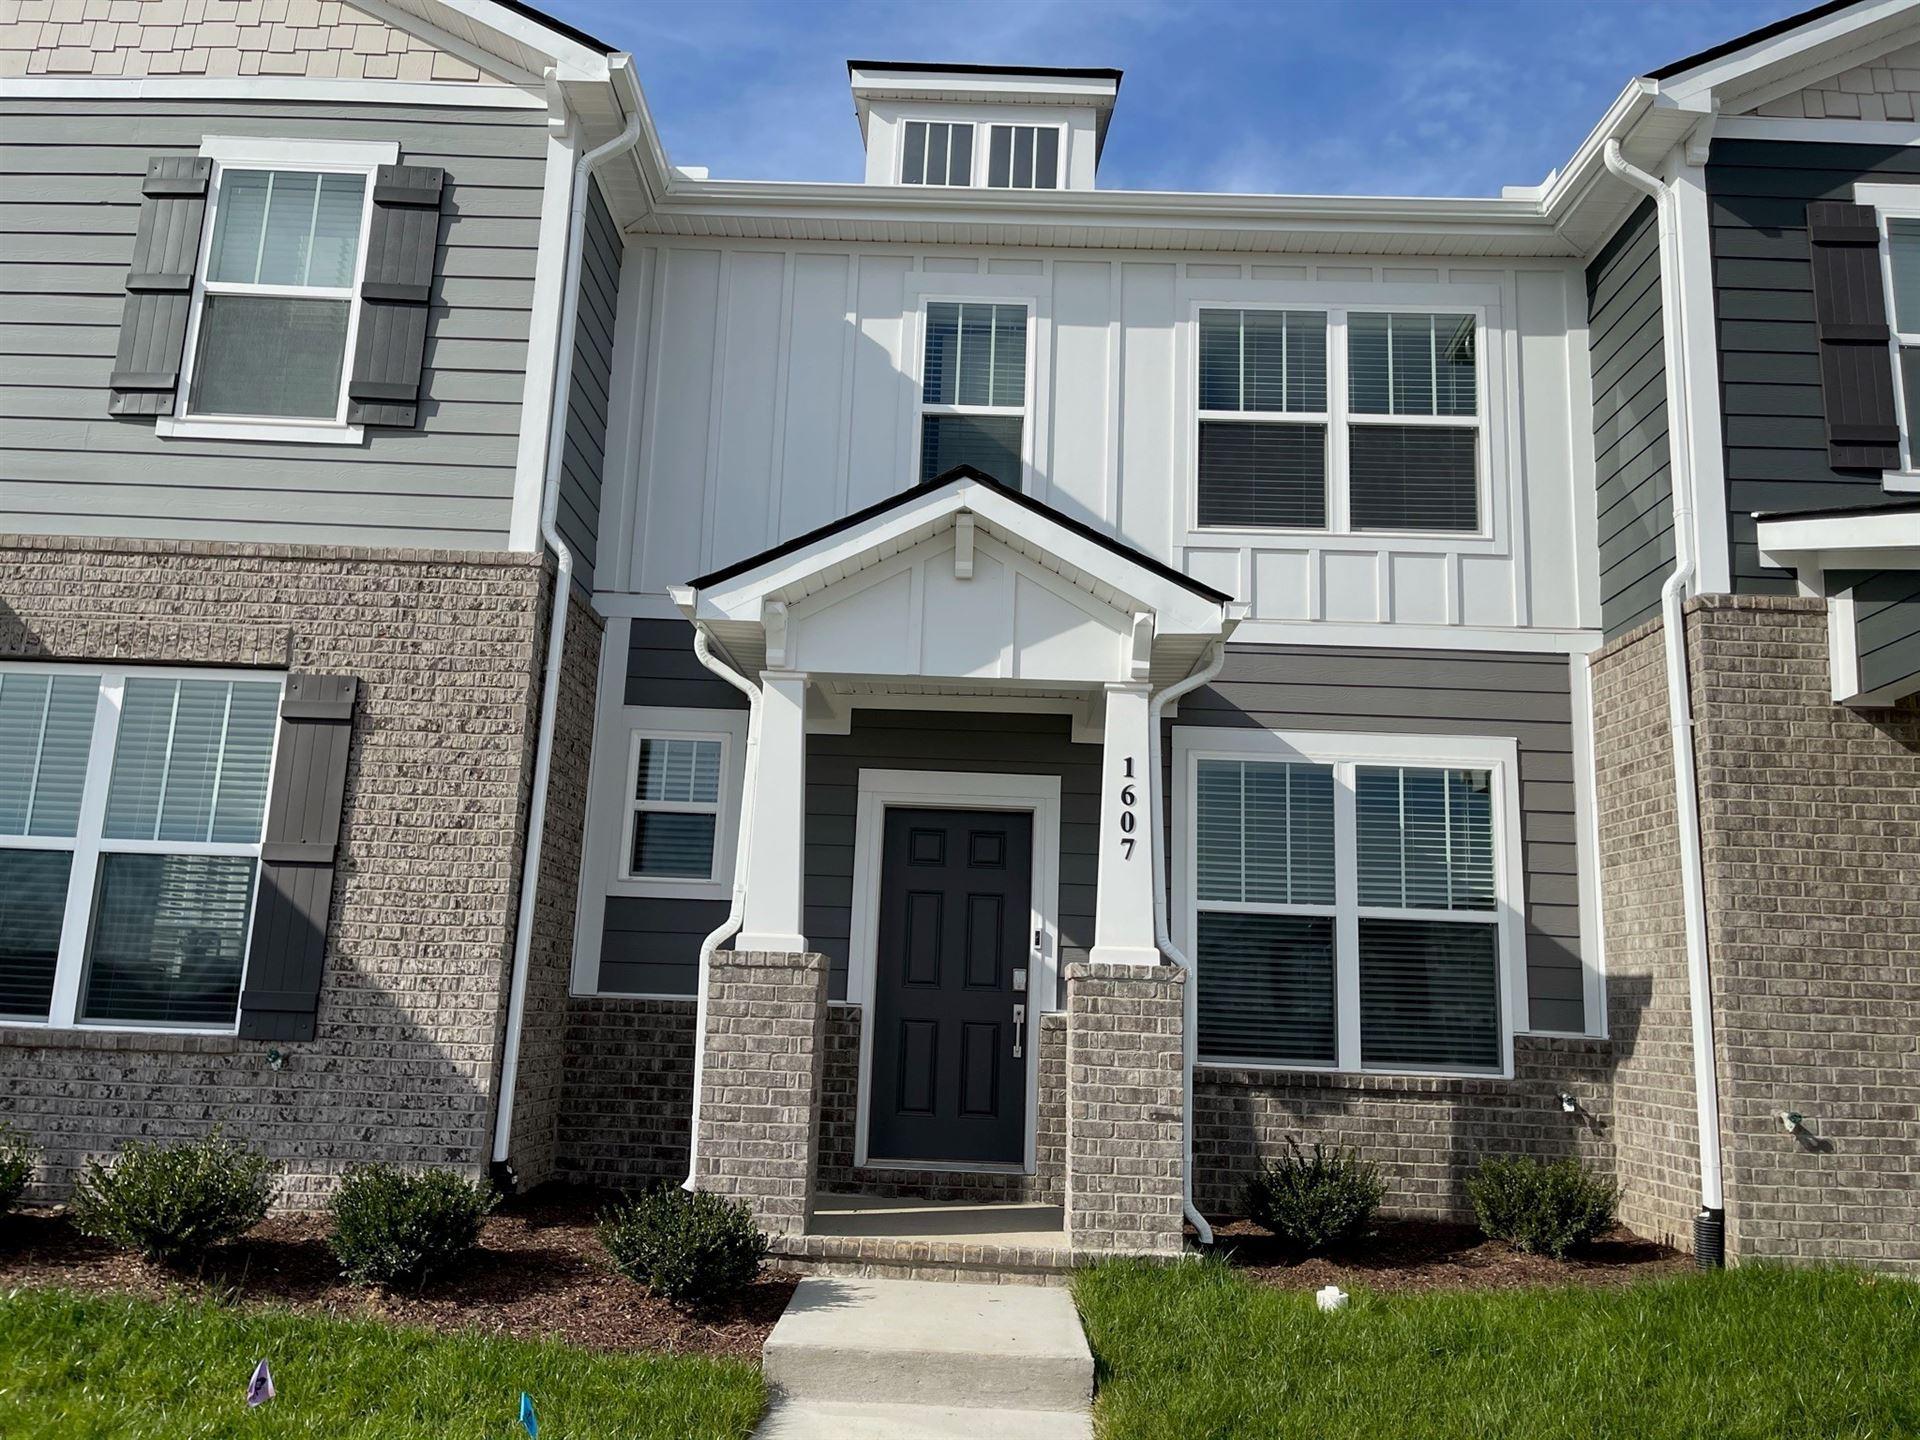 1705 Frodo Way, Murfreesboro, TN 37128 - MLS#: 2210255